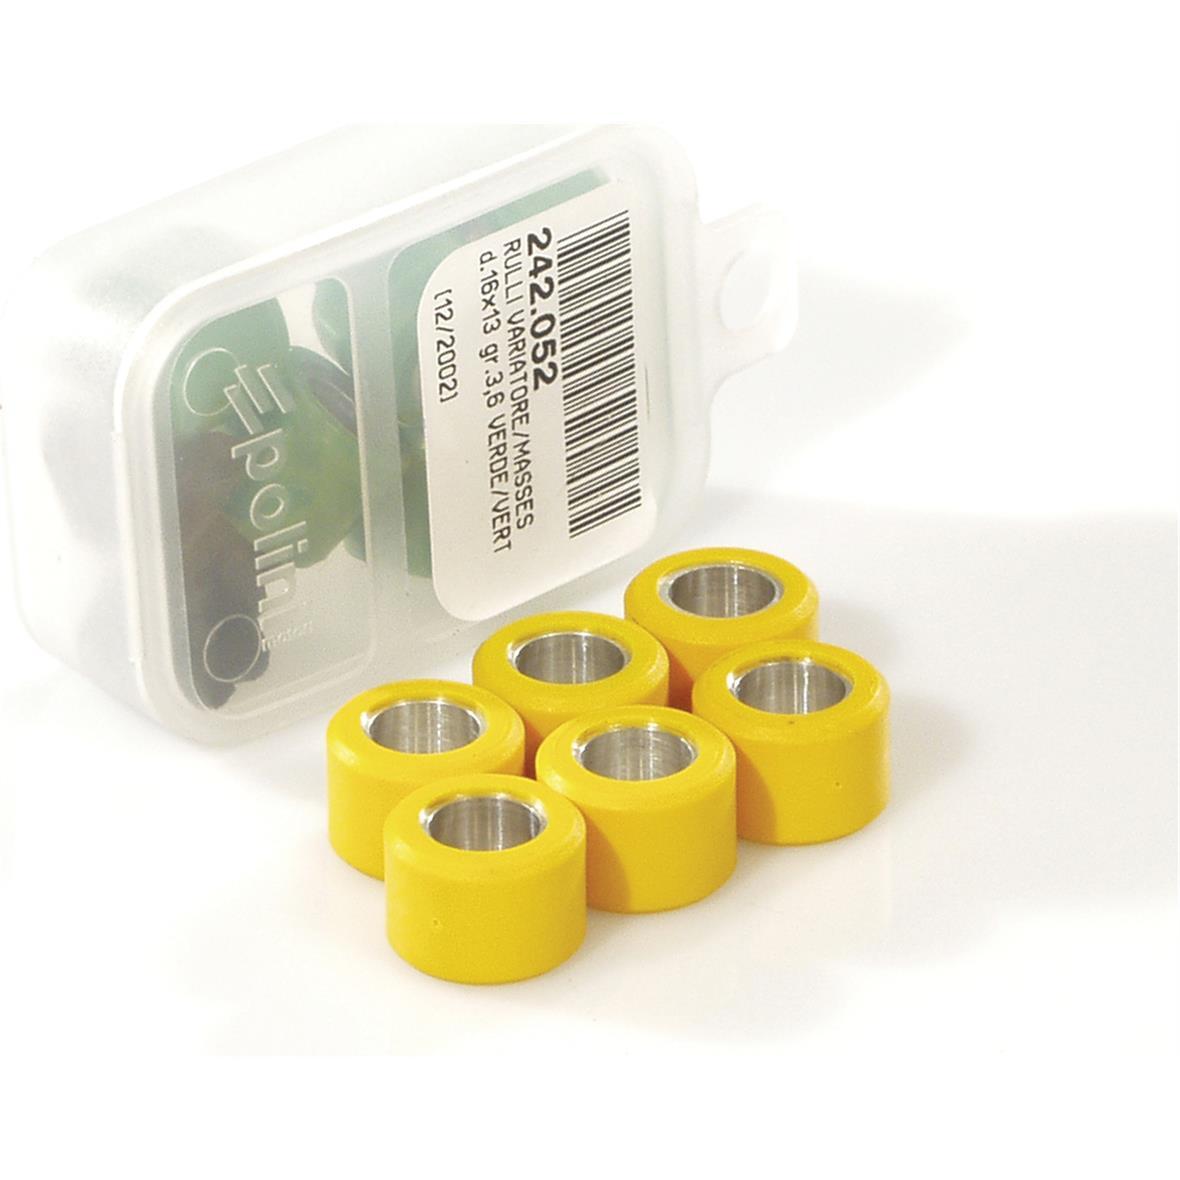 Εικόνα προϊόντος για 'Ράουλα Βαριατόρ POLINI 17x12 mm 3,1 γραμμάριοTitle'